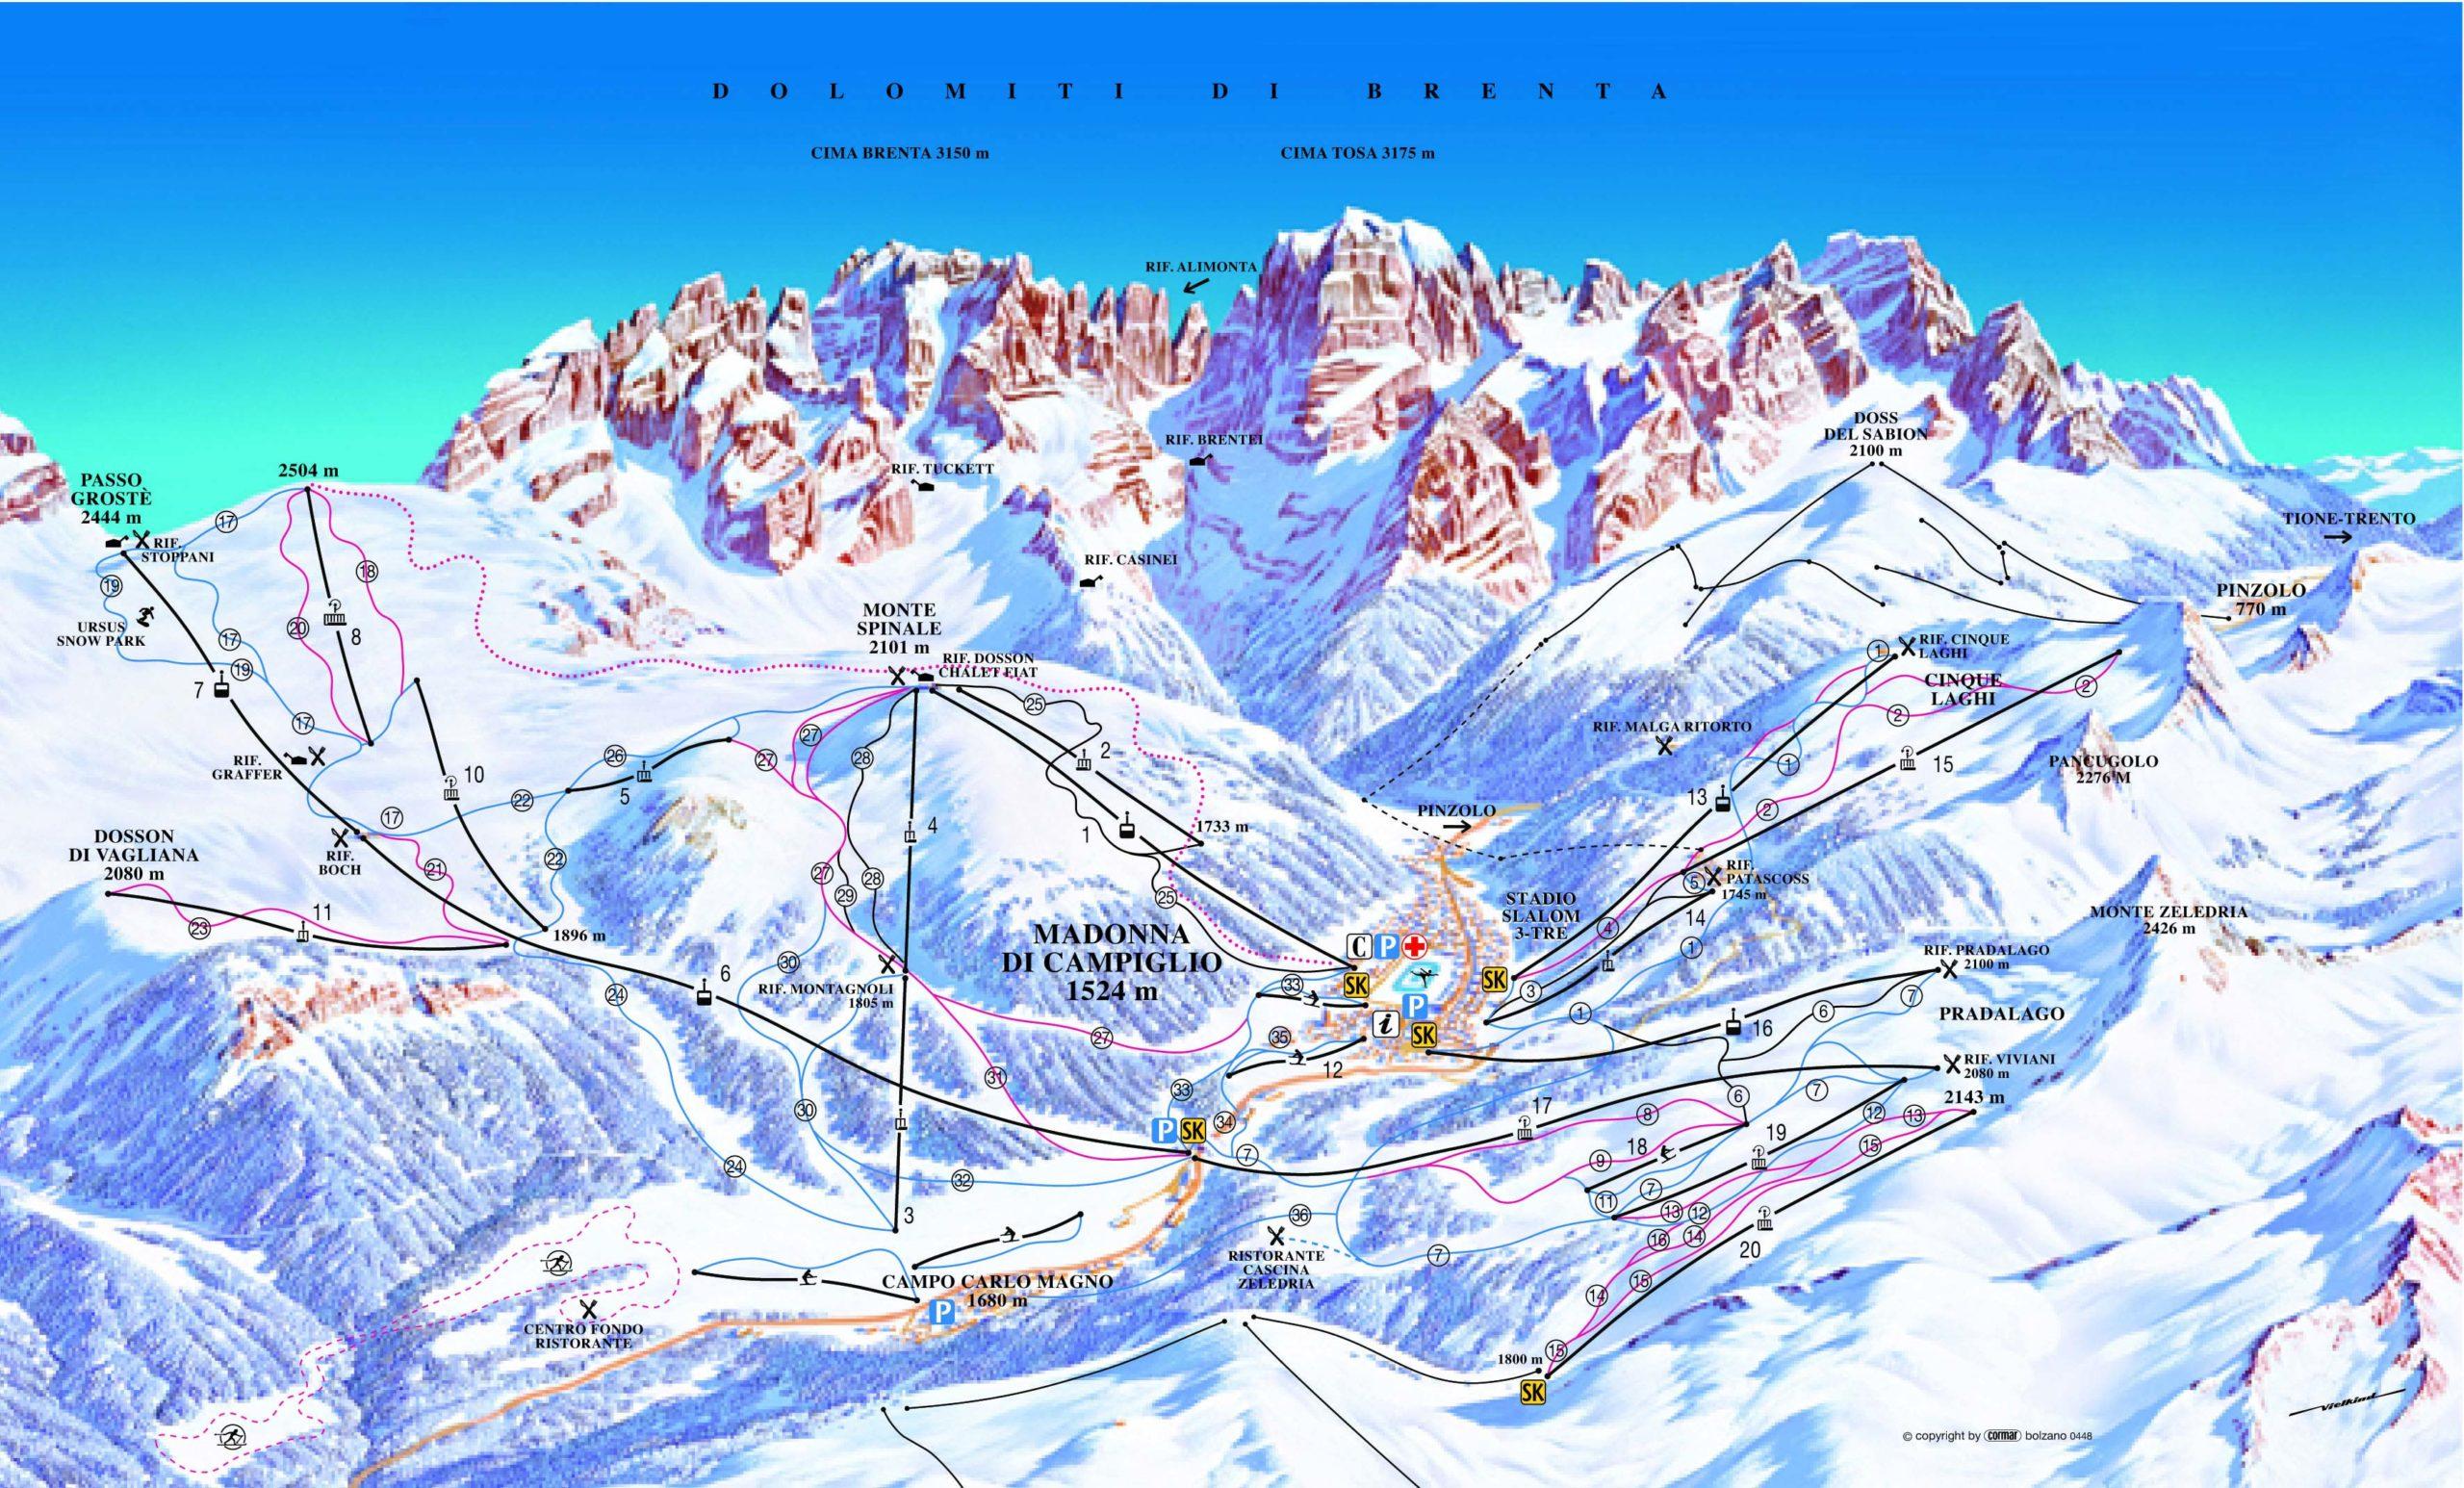 Карта трасс Мадонна ди Кампильо